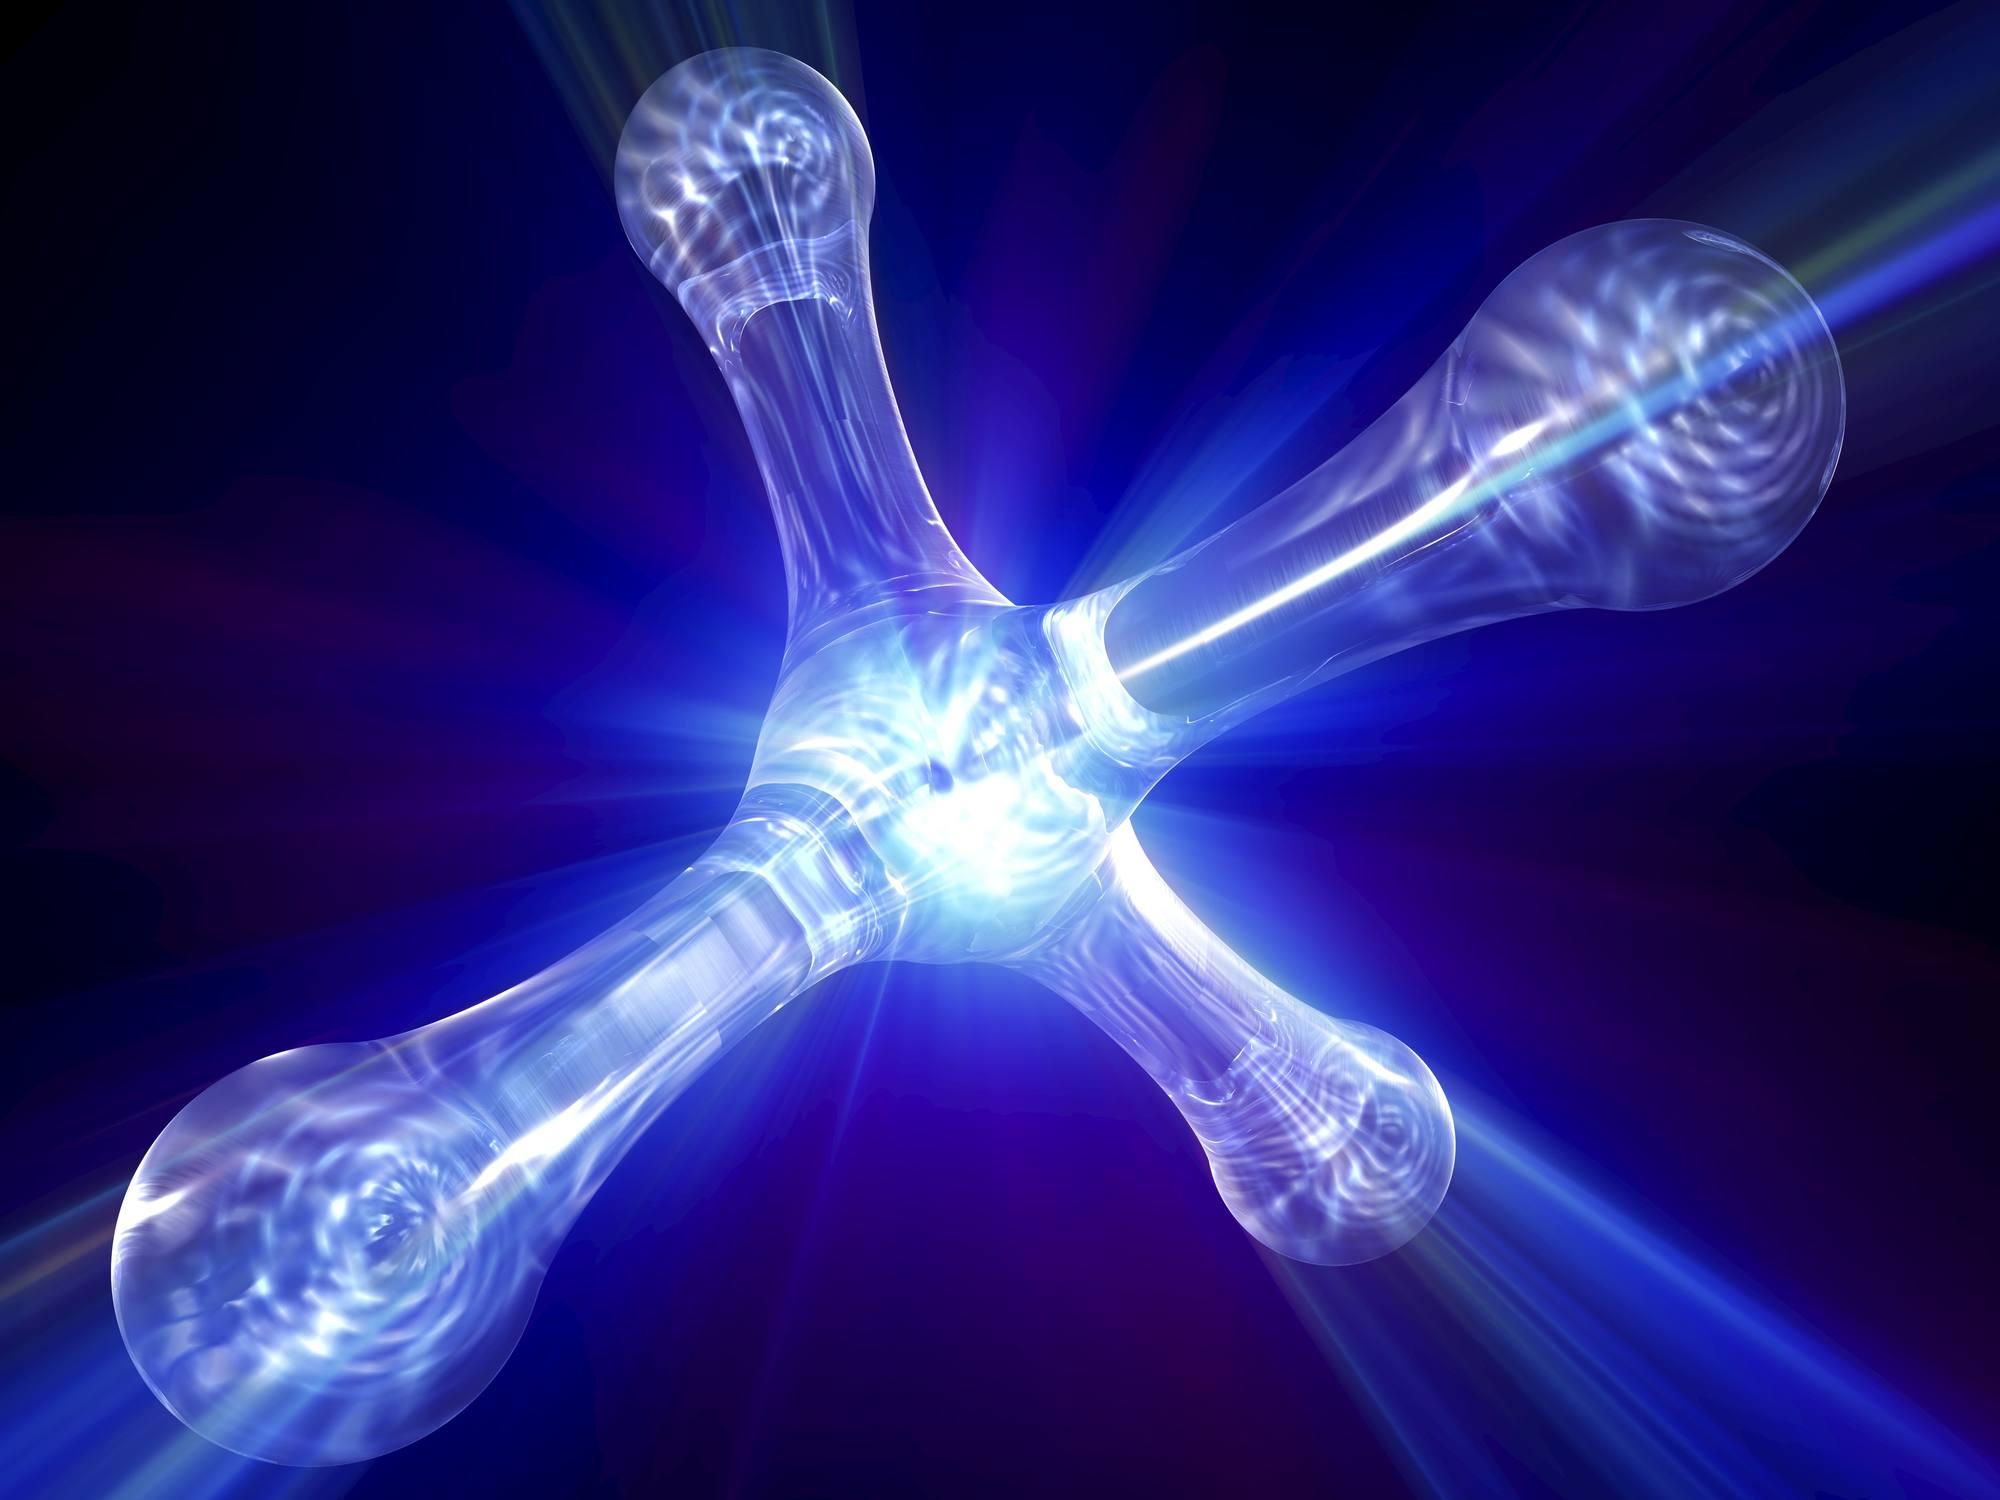 modèle de l'atome Quantum